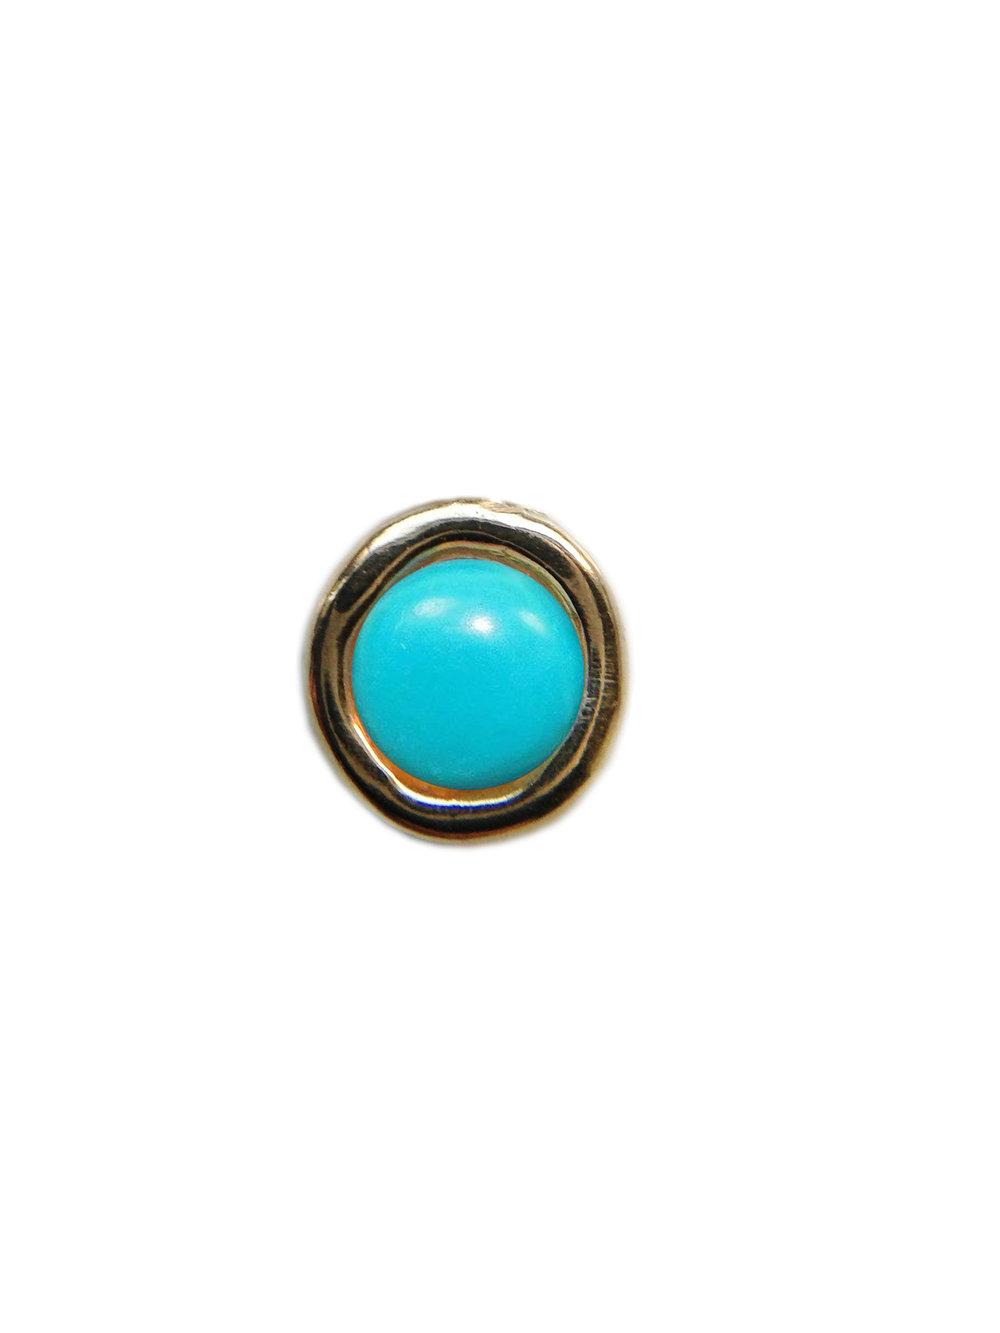 http://www.alyshaalex.ca/earrings-14kgold/micromini-turquoisebezel-stud